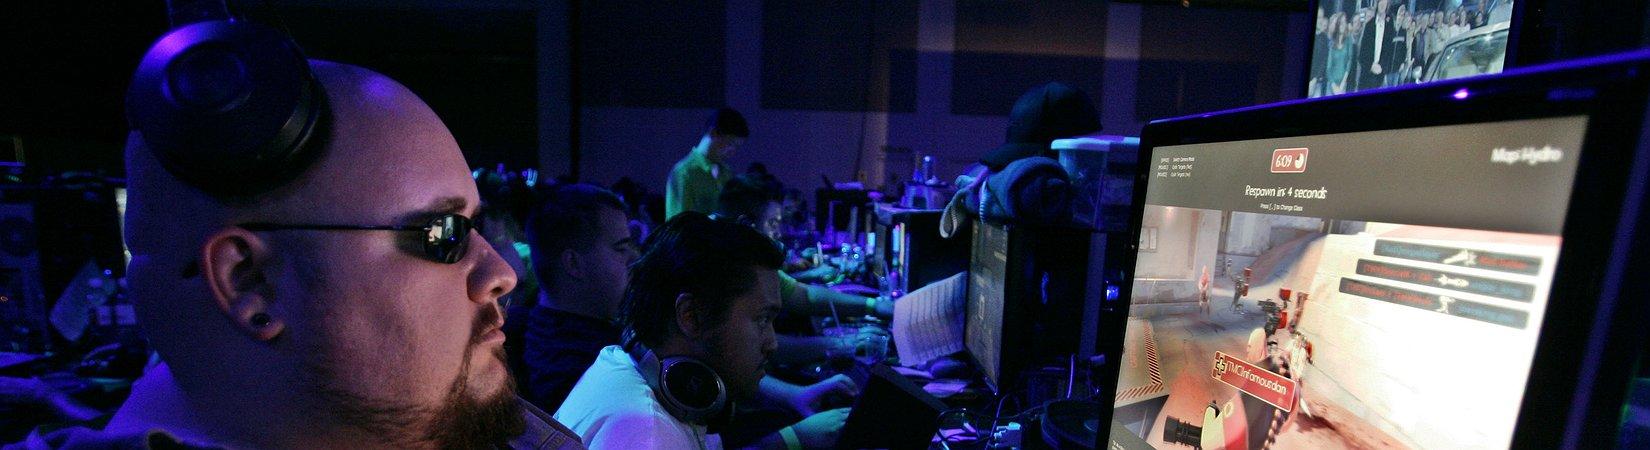 Акции Nvidia подскочили на 14% после сильного отчета